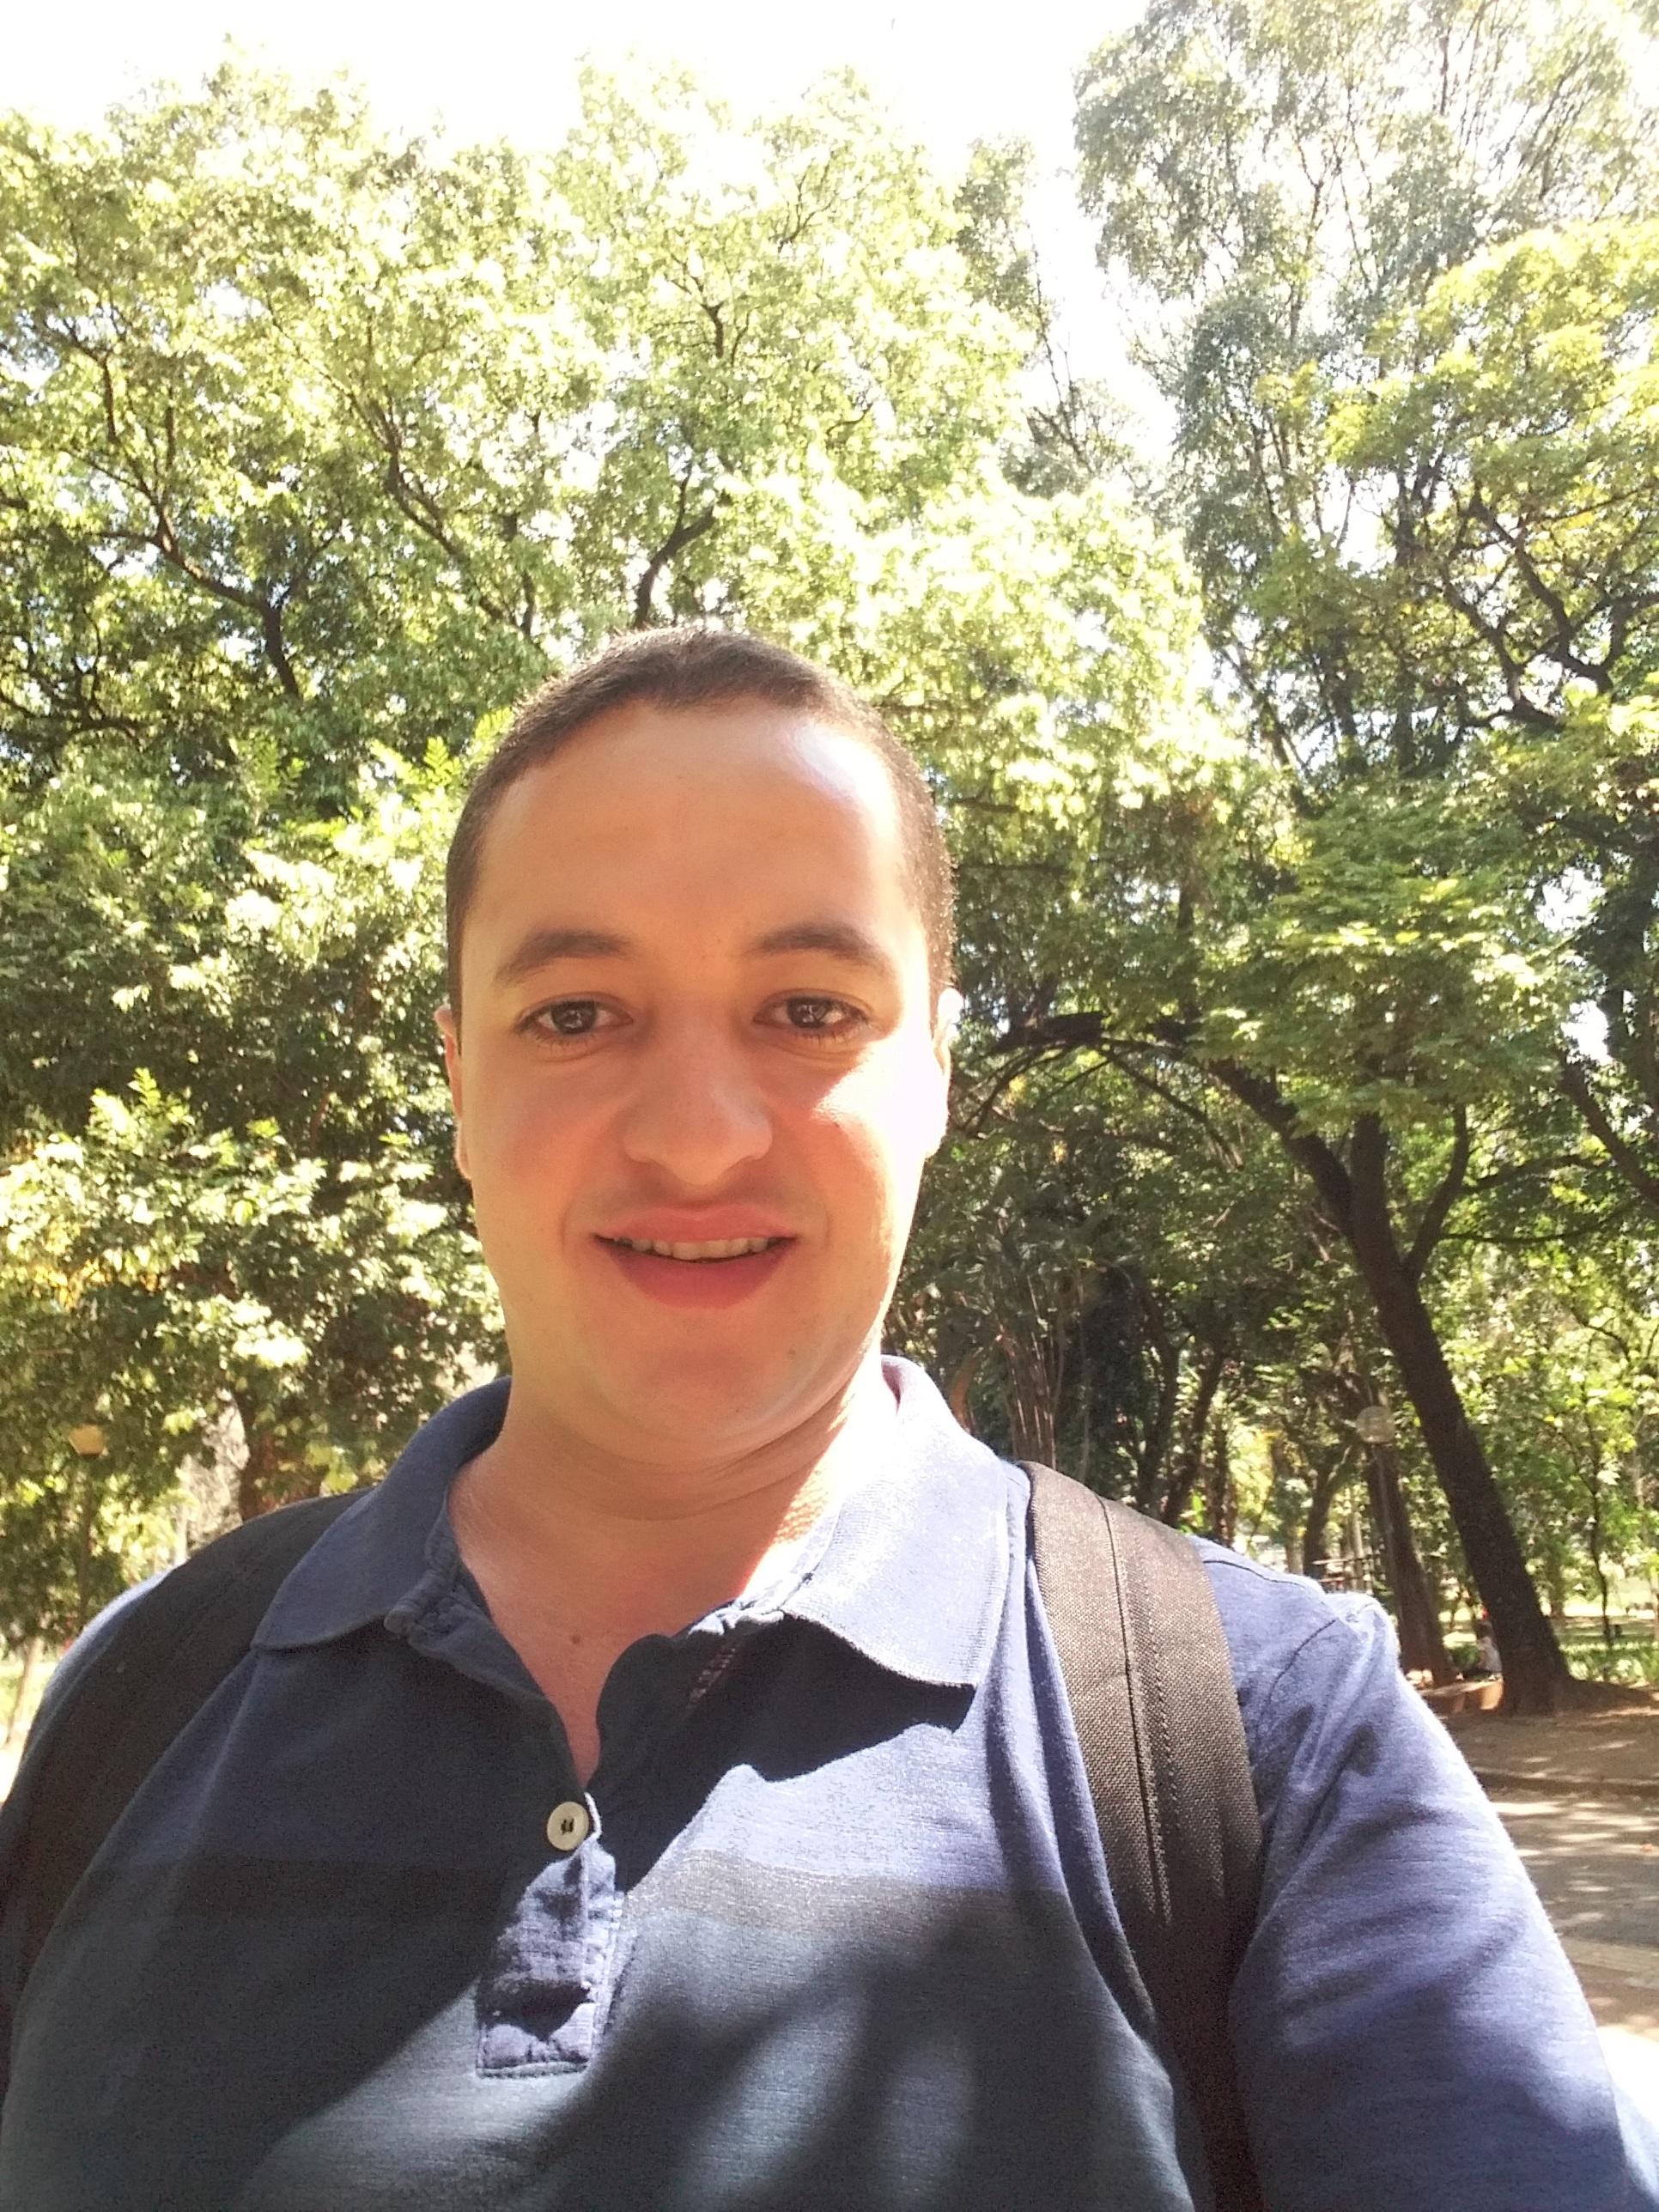 Guilherme Machado - Quero Passar em Concursos